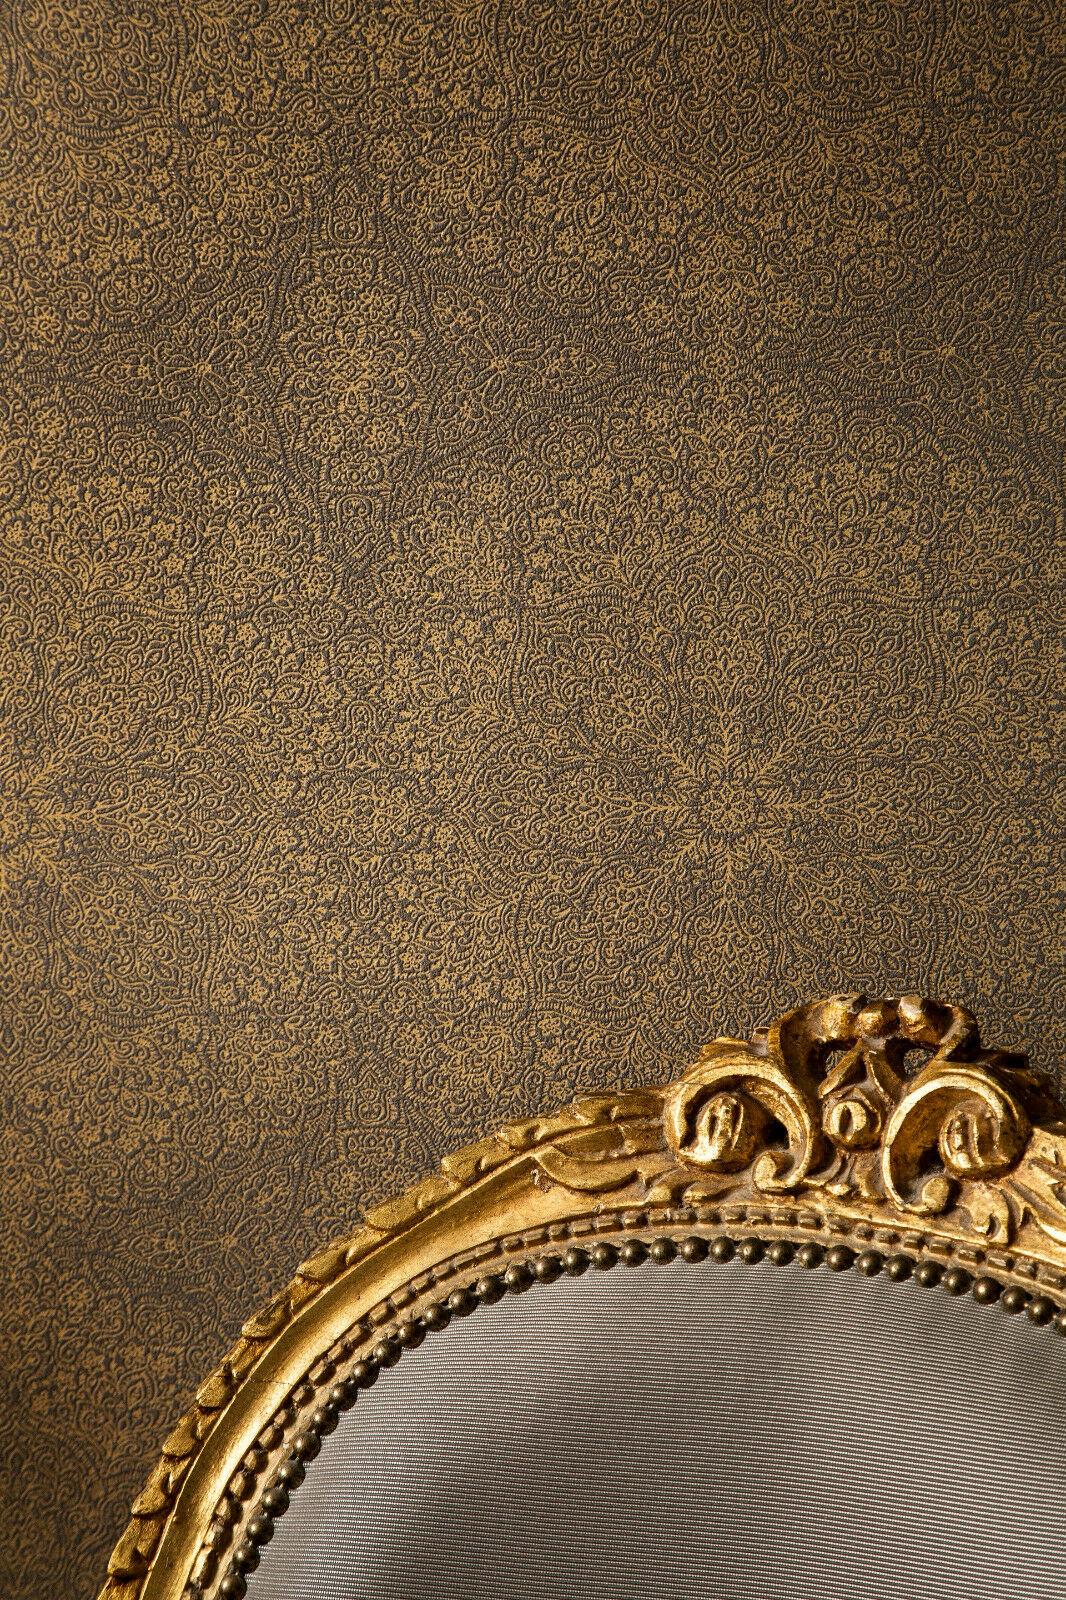 vlies tapete mandala muster struktur tapete braun gold chacran 18412 - Tapete Braun Gold